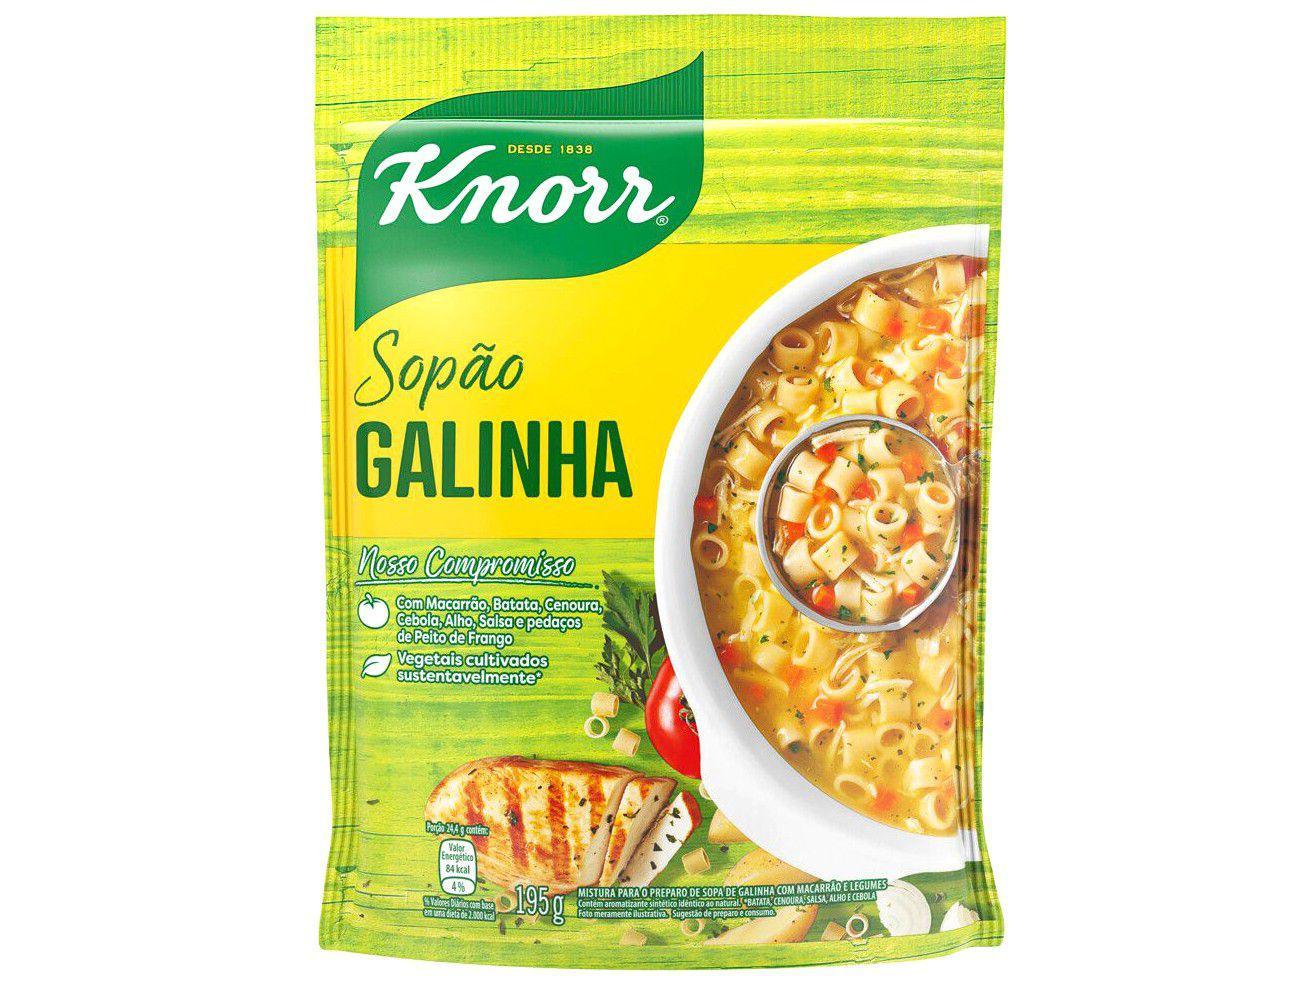 Canjão Galinha Knorr - 195g